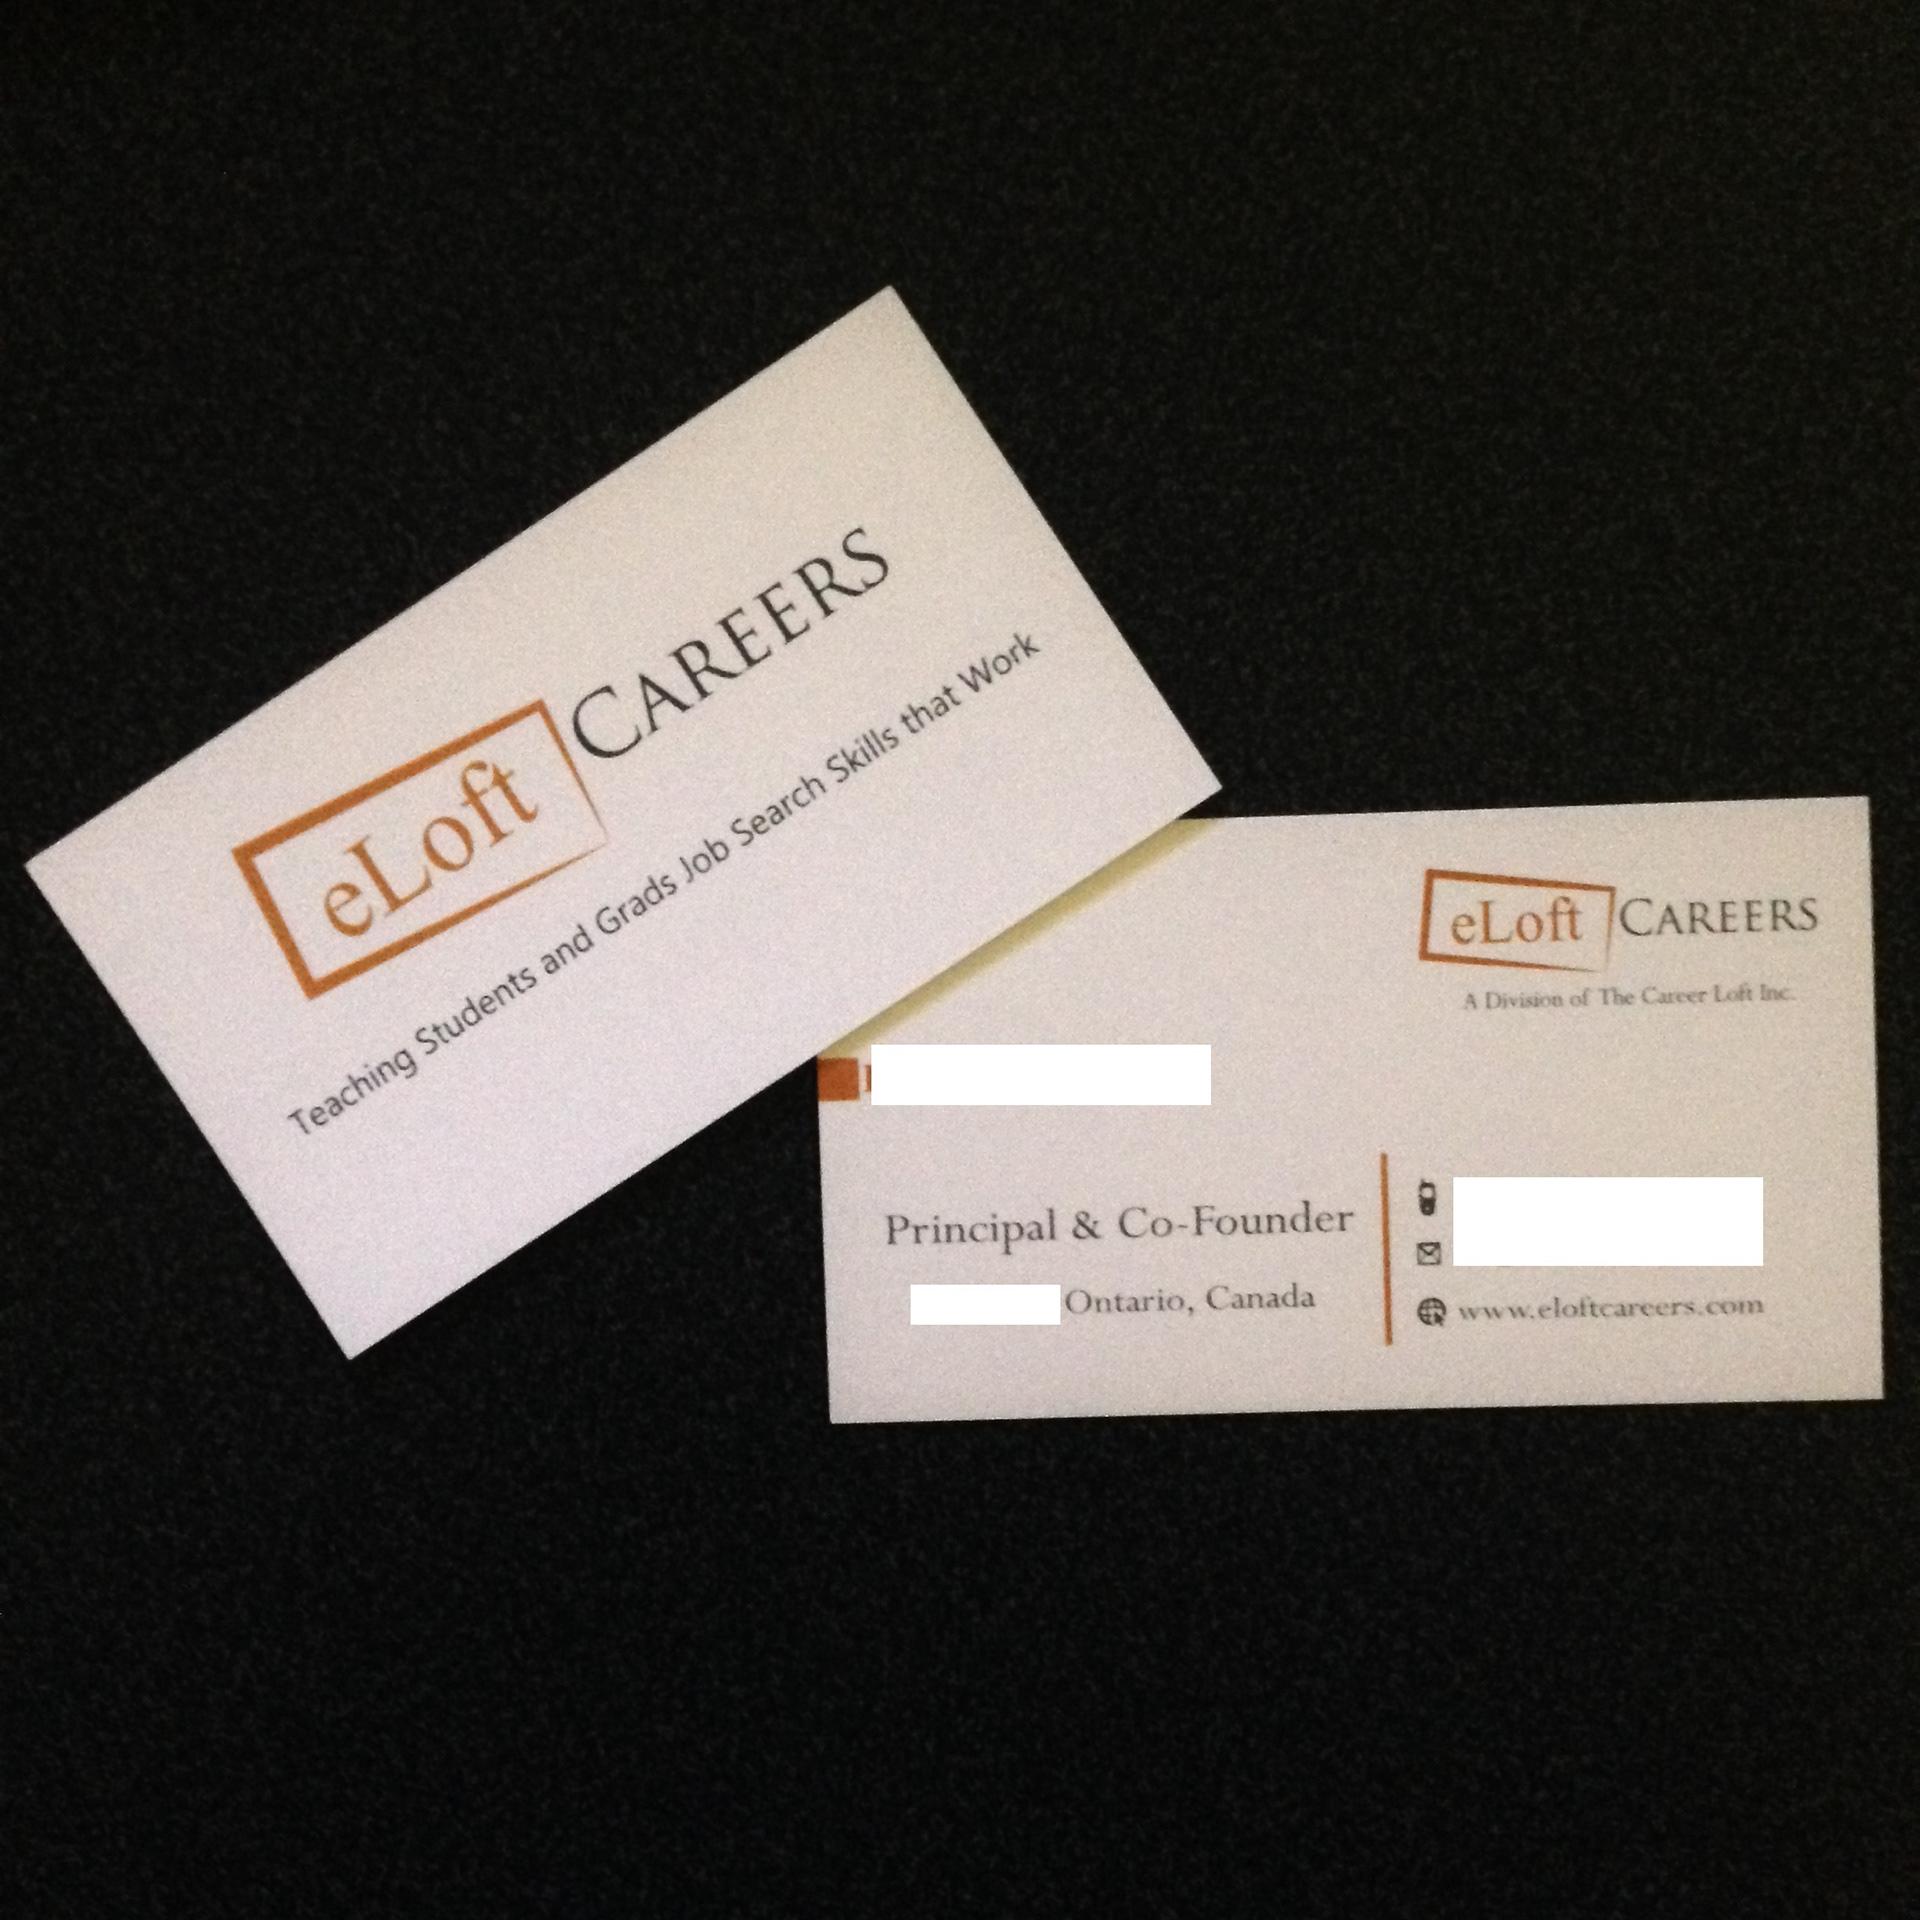 Semplice designs eloft careers business cards eloft careers business cards colourmoves